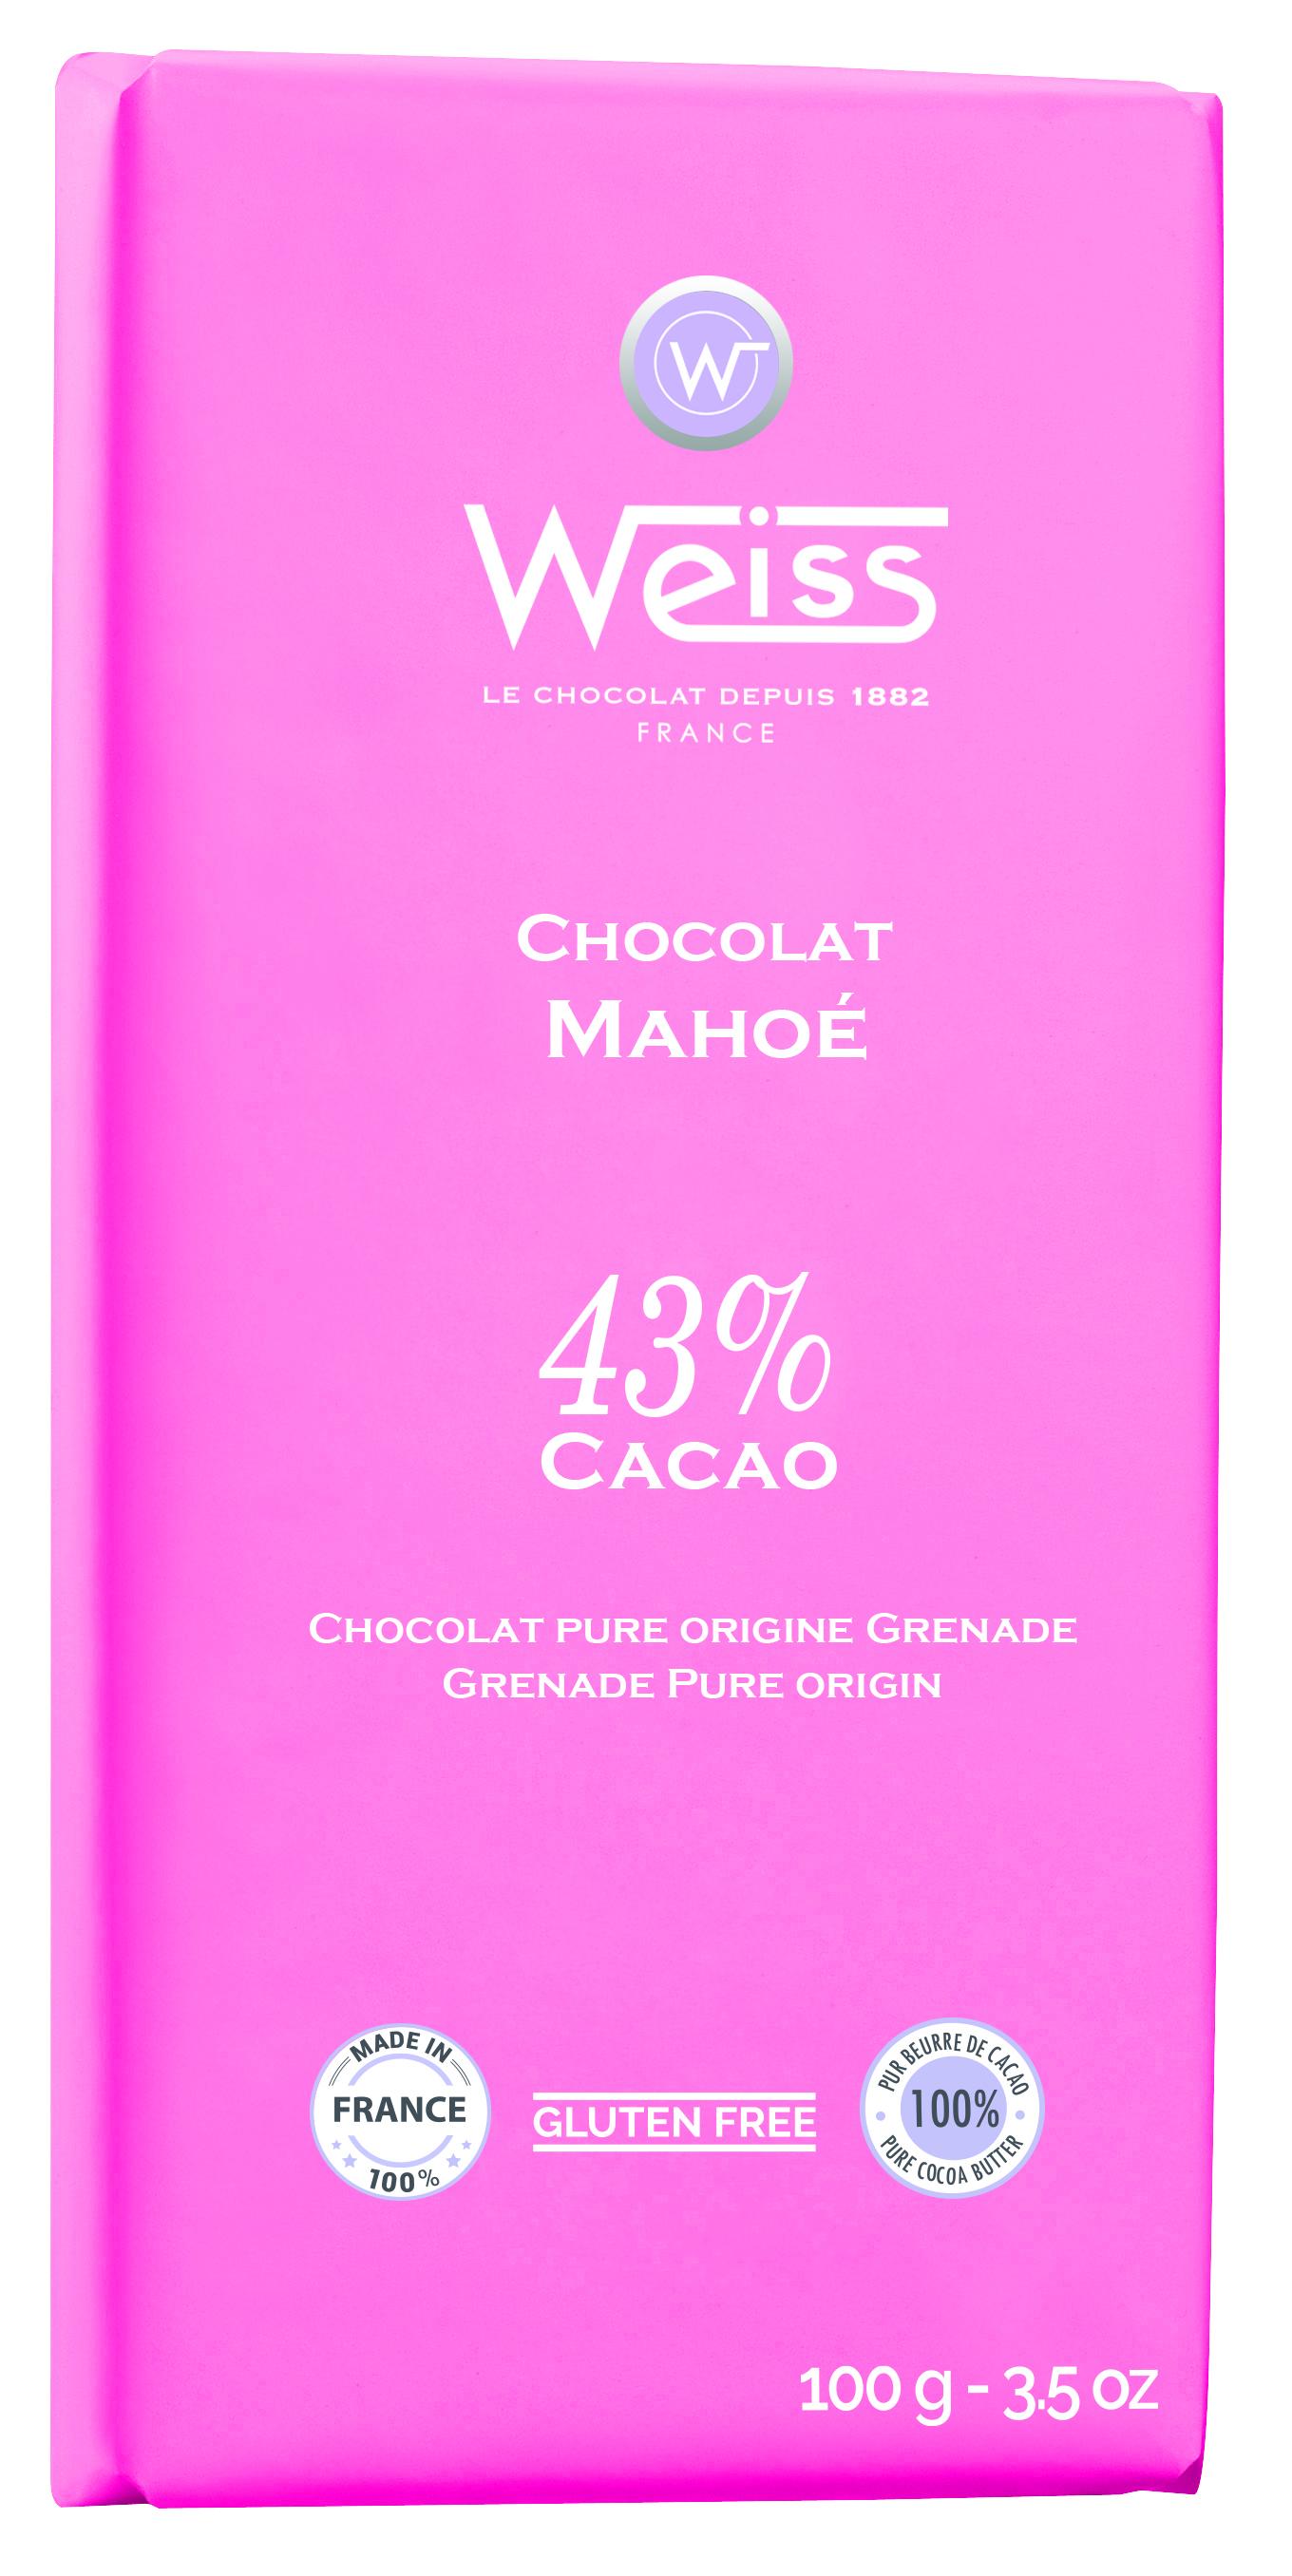 Tablette Mahoé chocolat au lait 43% de cacao, Weiss (100 g)